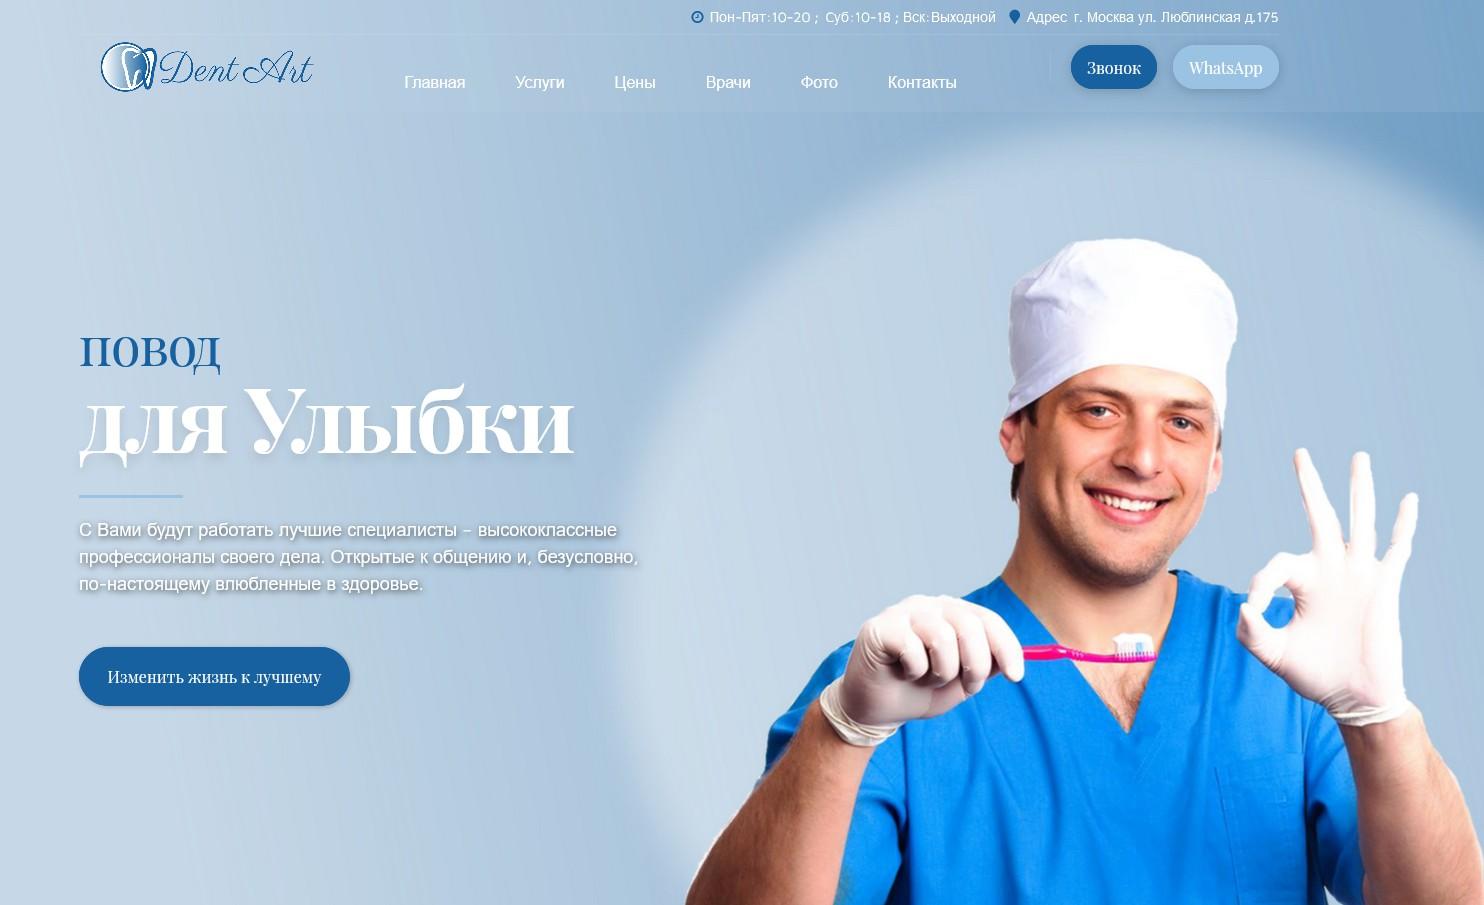 Cтоматологическая клиника